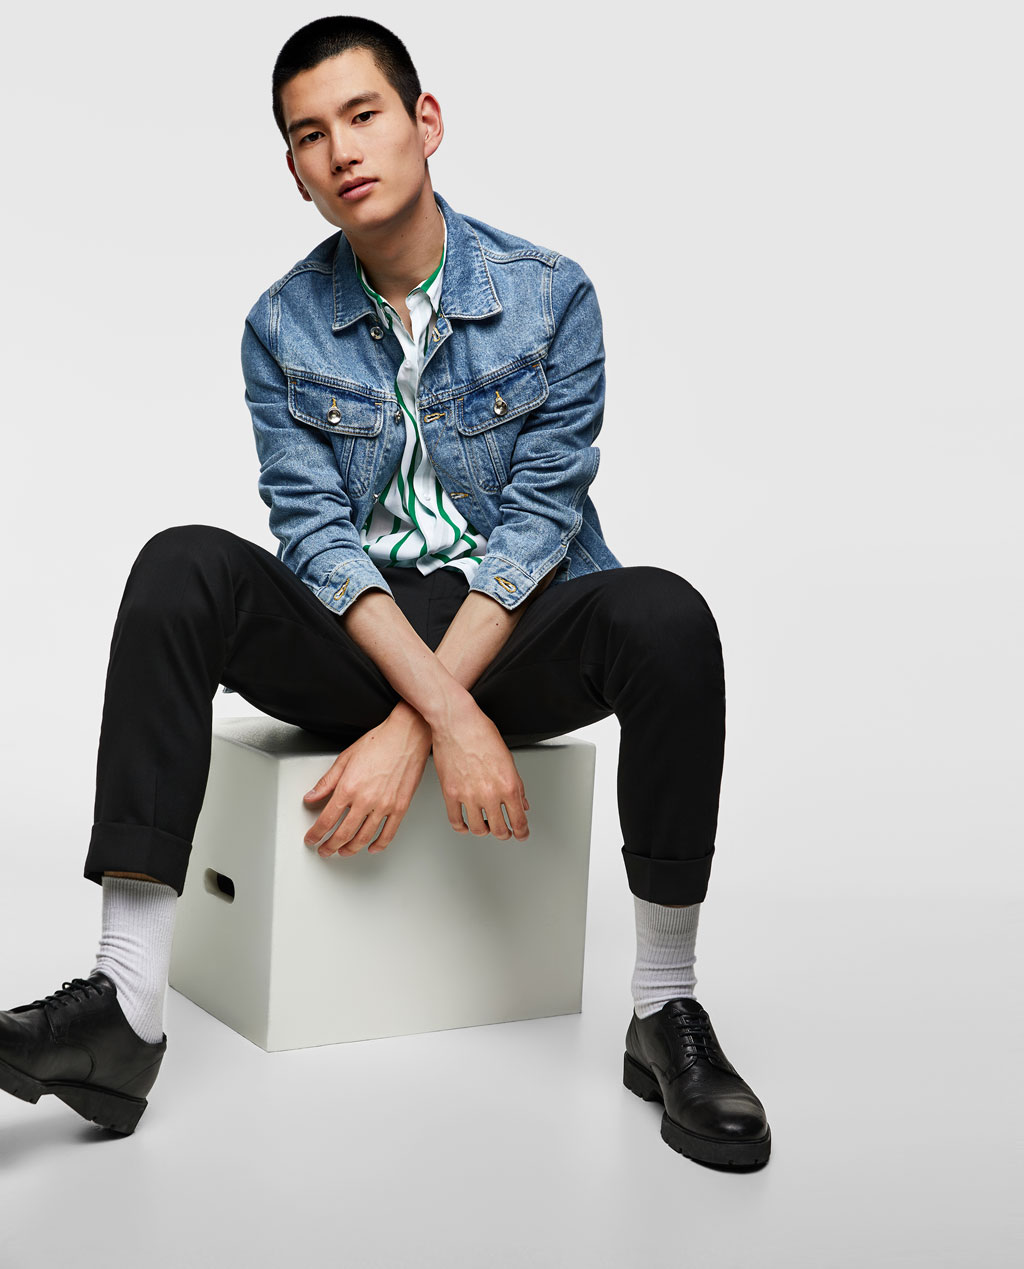 Thời trang nam Zara  23995 - ảnh 5